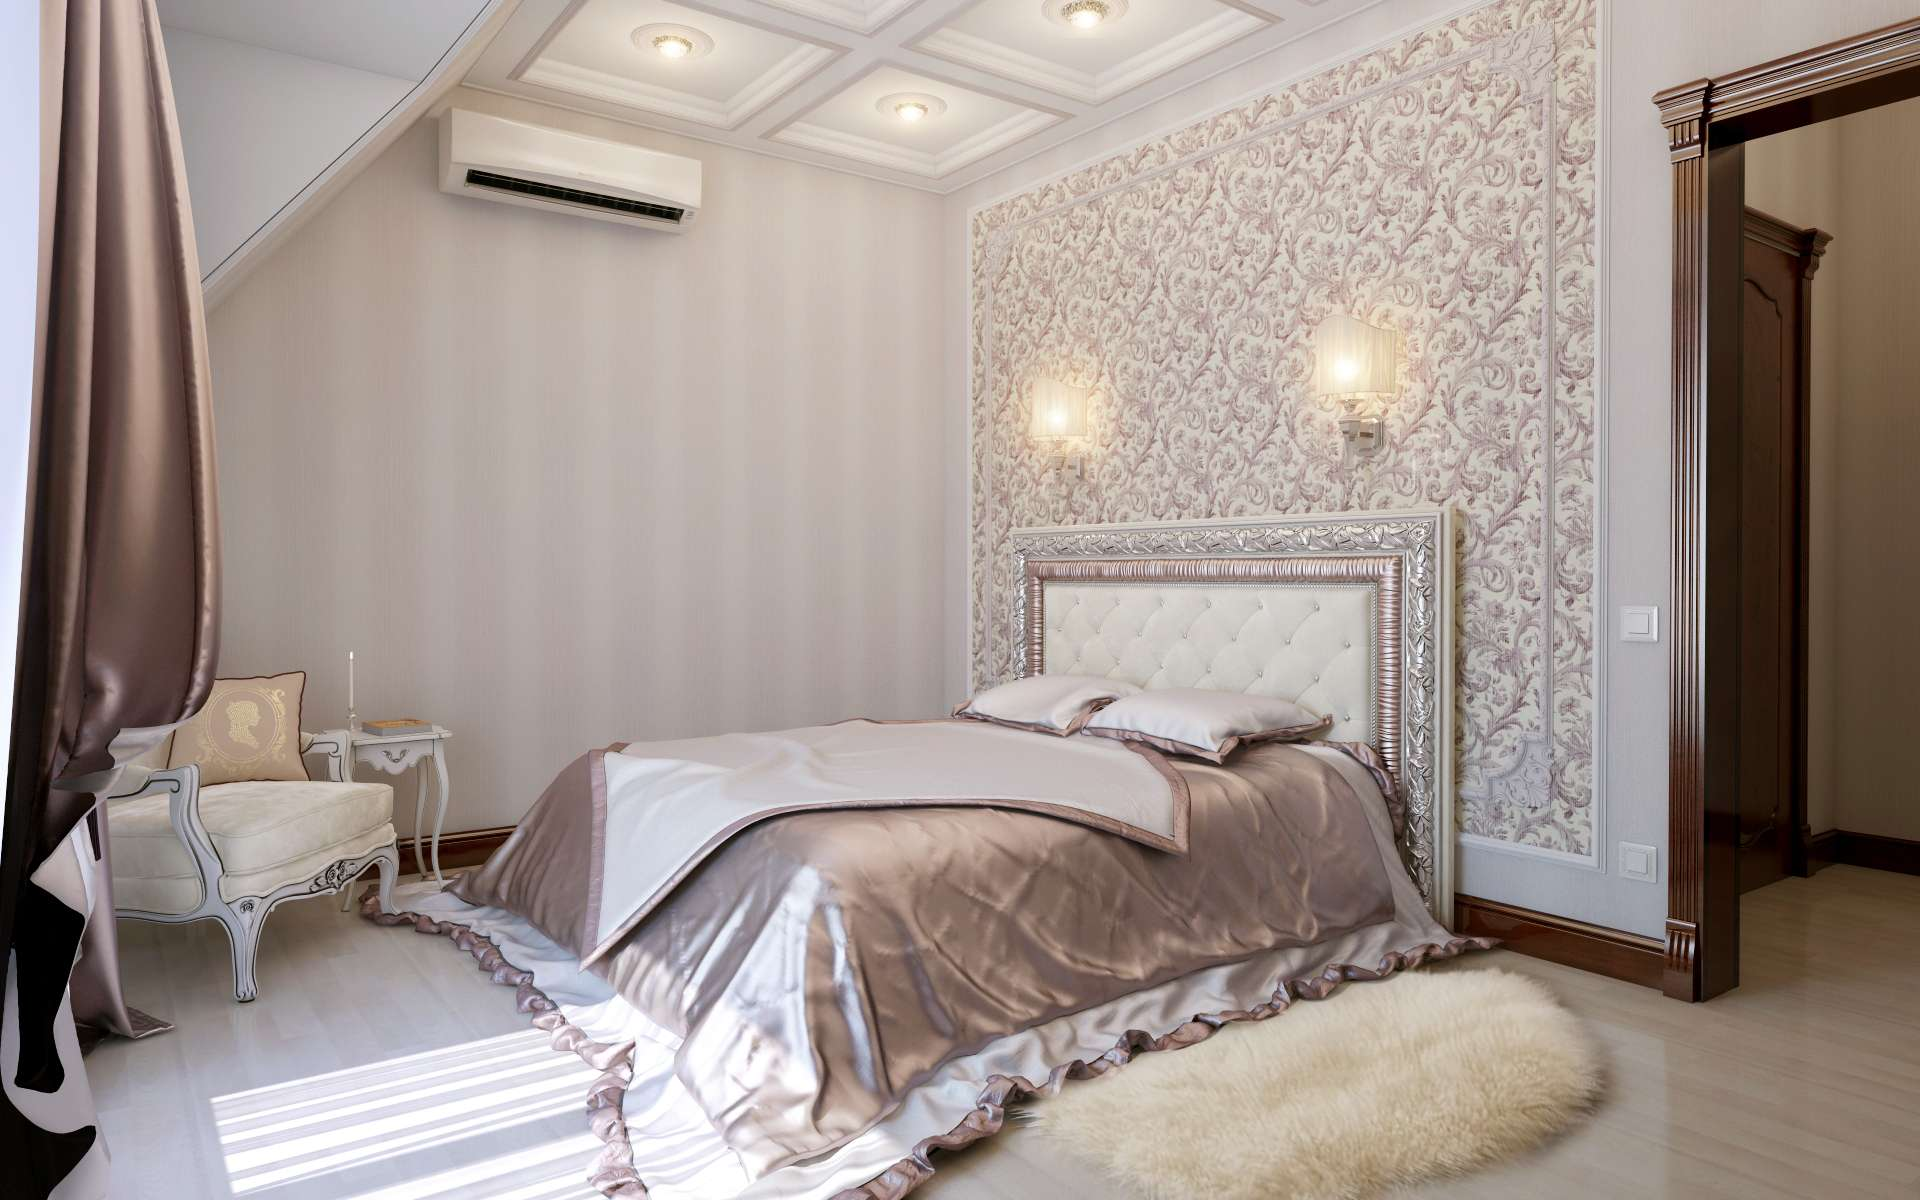 Реечная кровать с декором